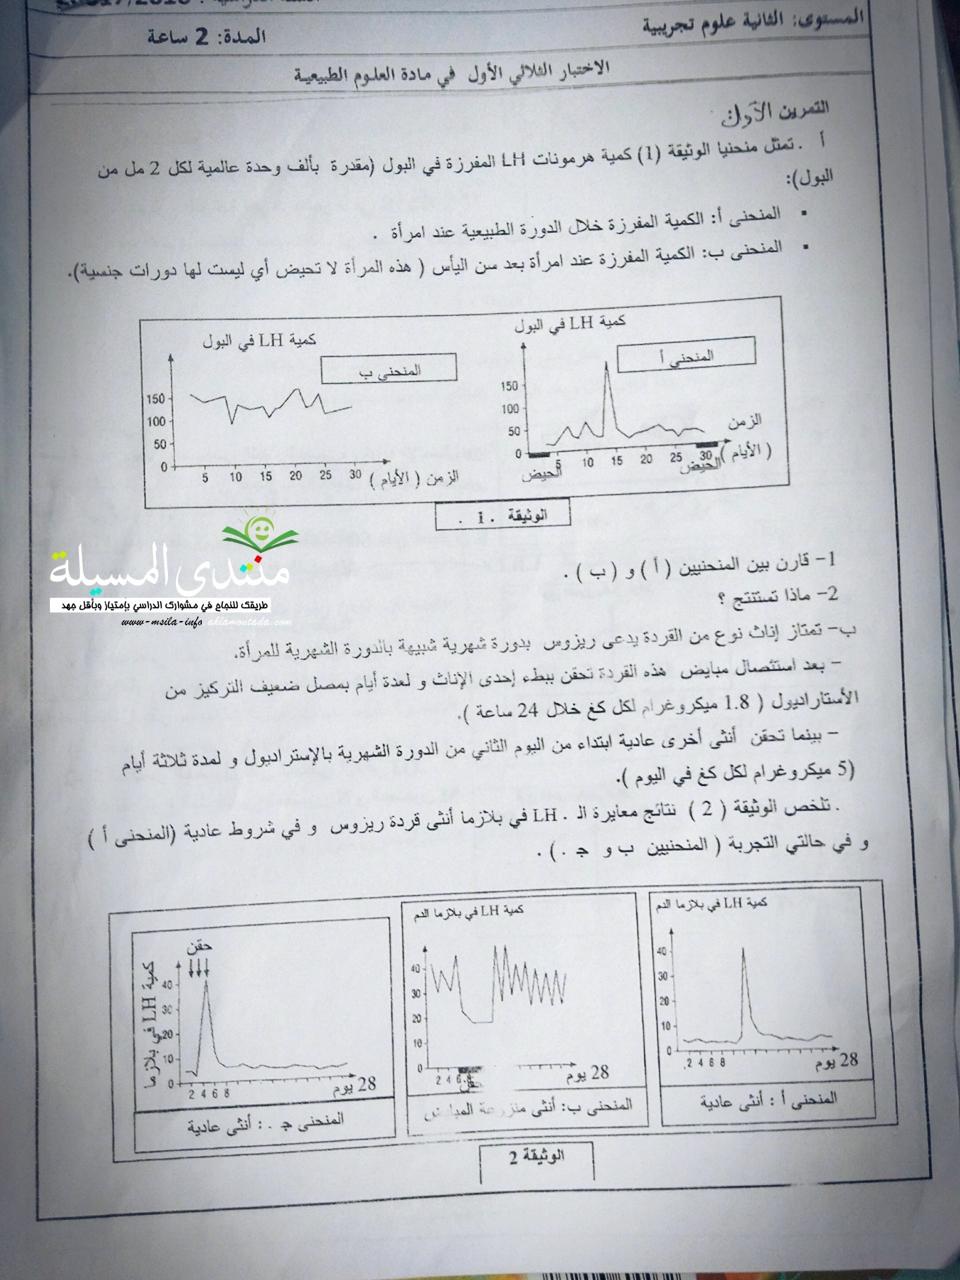 اختبار مادة العلوم للسنة 2 ثانوي 2019  0113